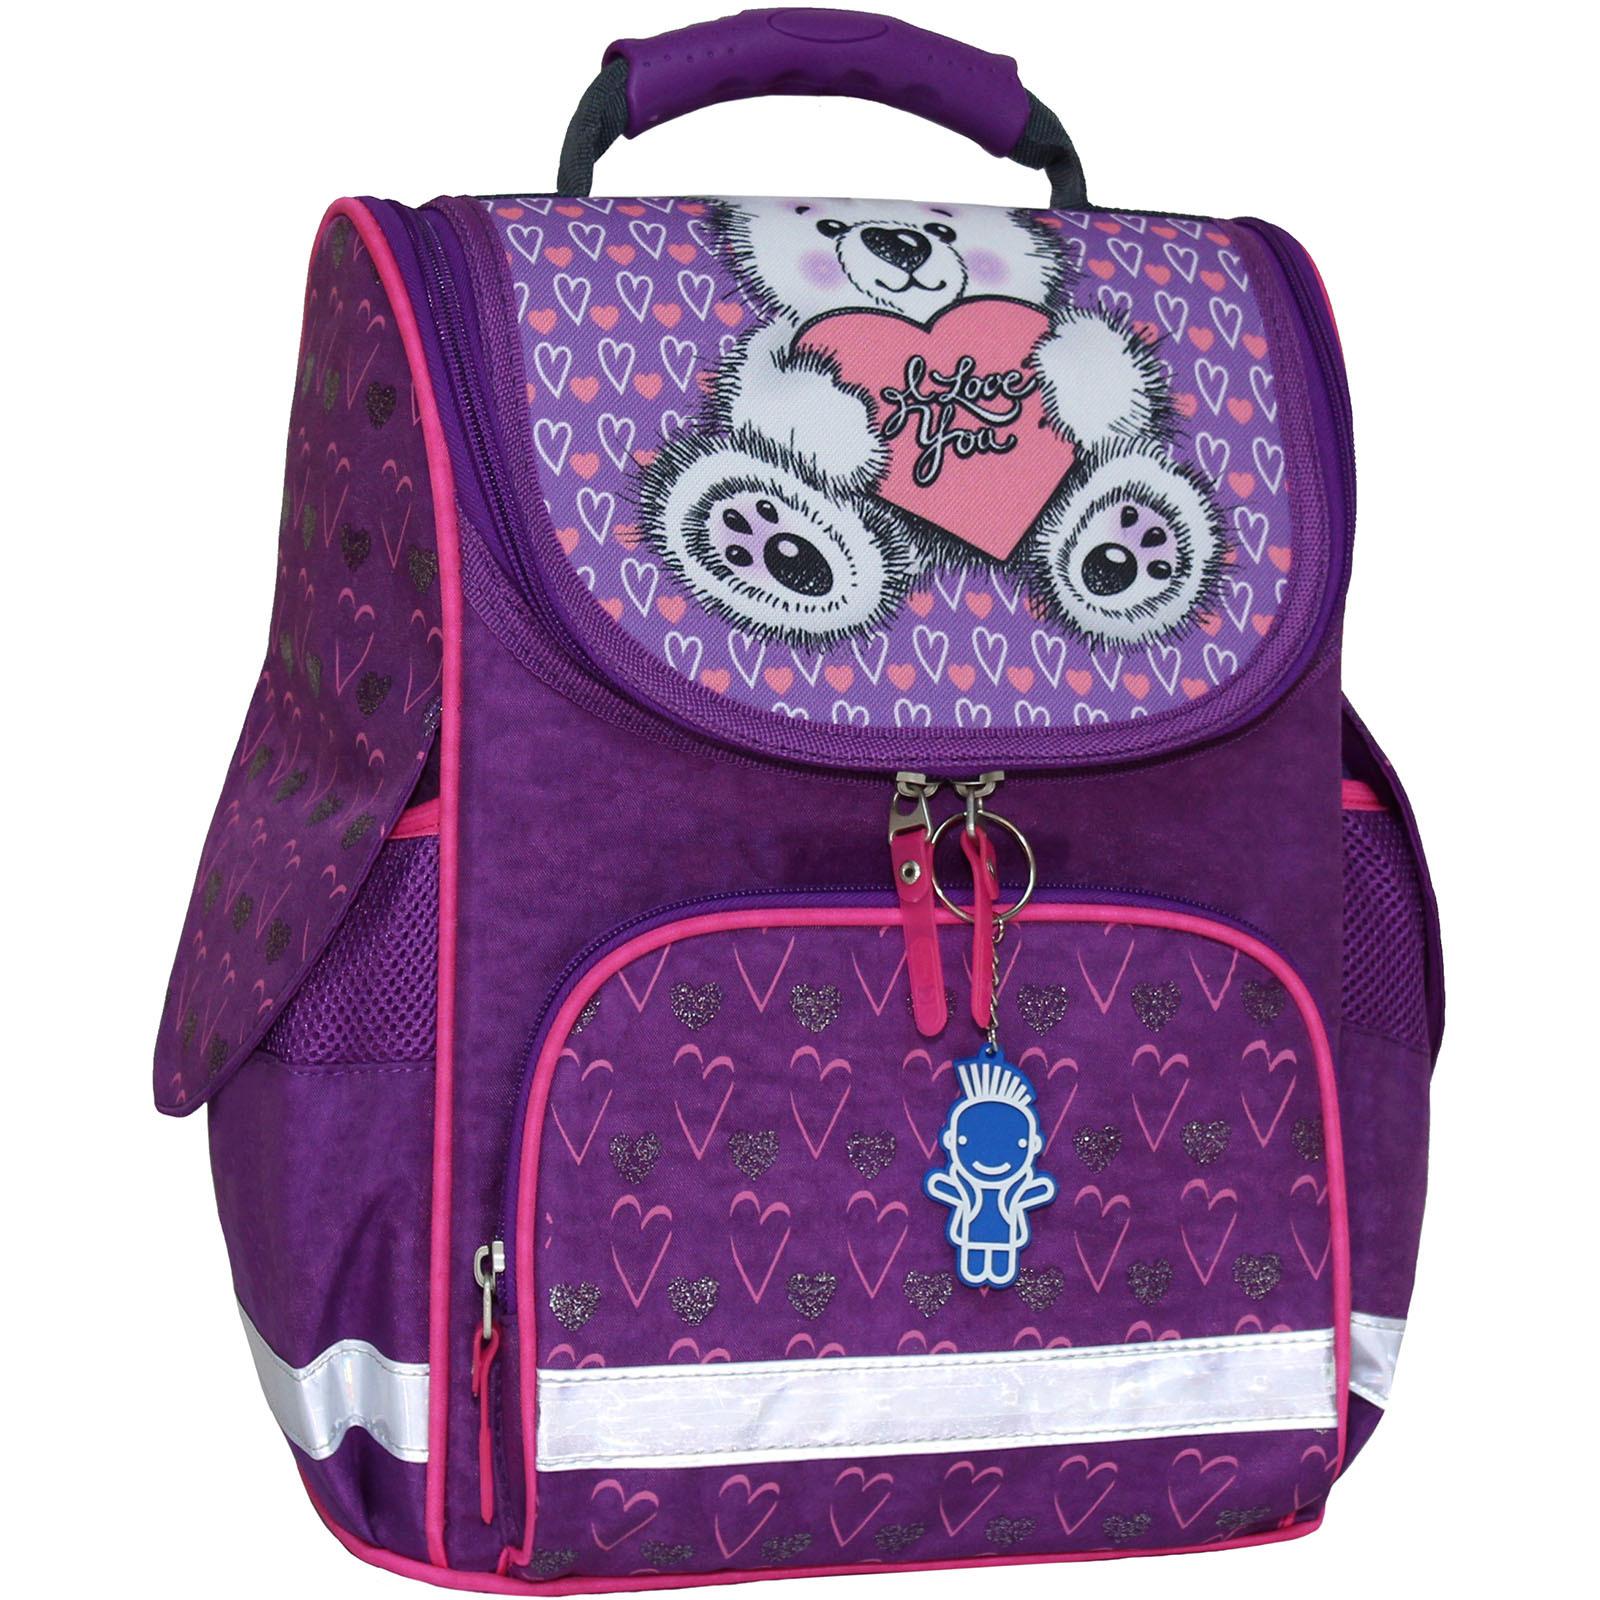 Рюкзак школьный каркасный с фонариками Bagland Успех 12 л. фиолетовый 377 (00551703)